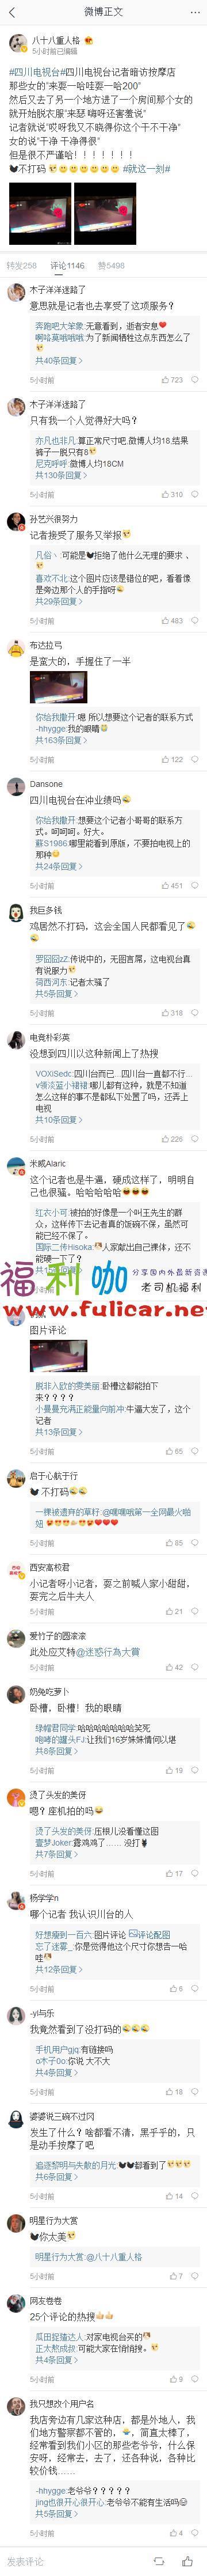 四川电视台记者暗访按摩店播出竟然不打码